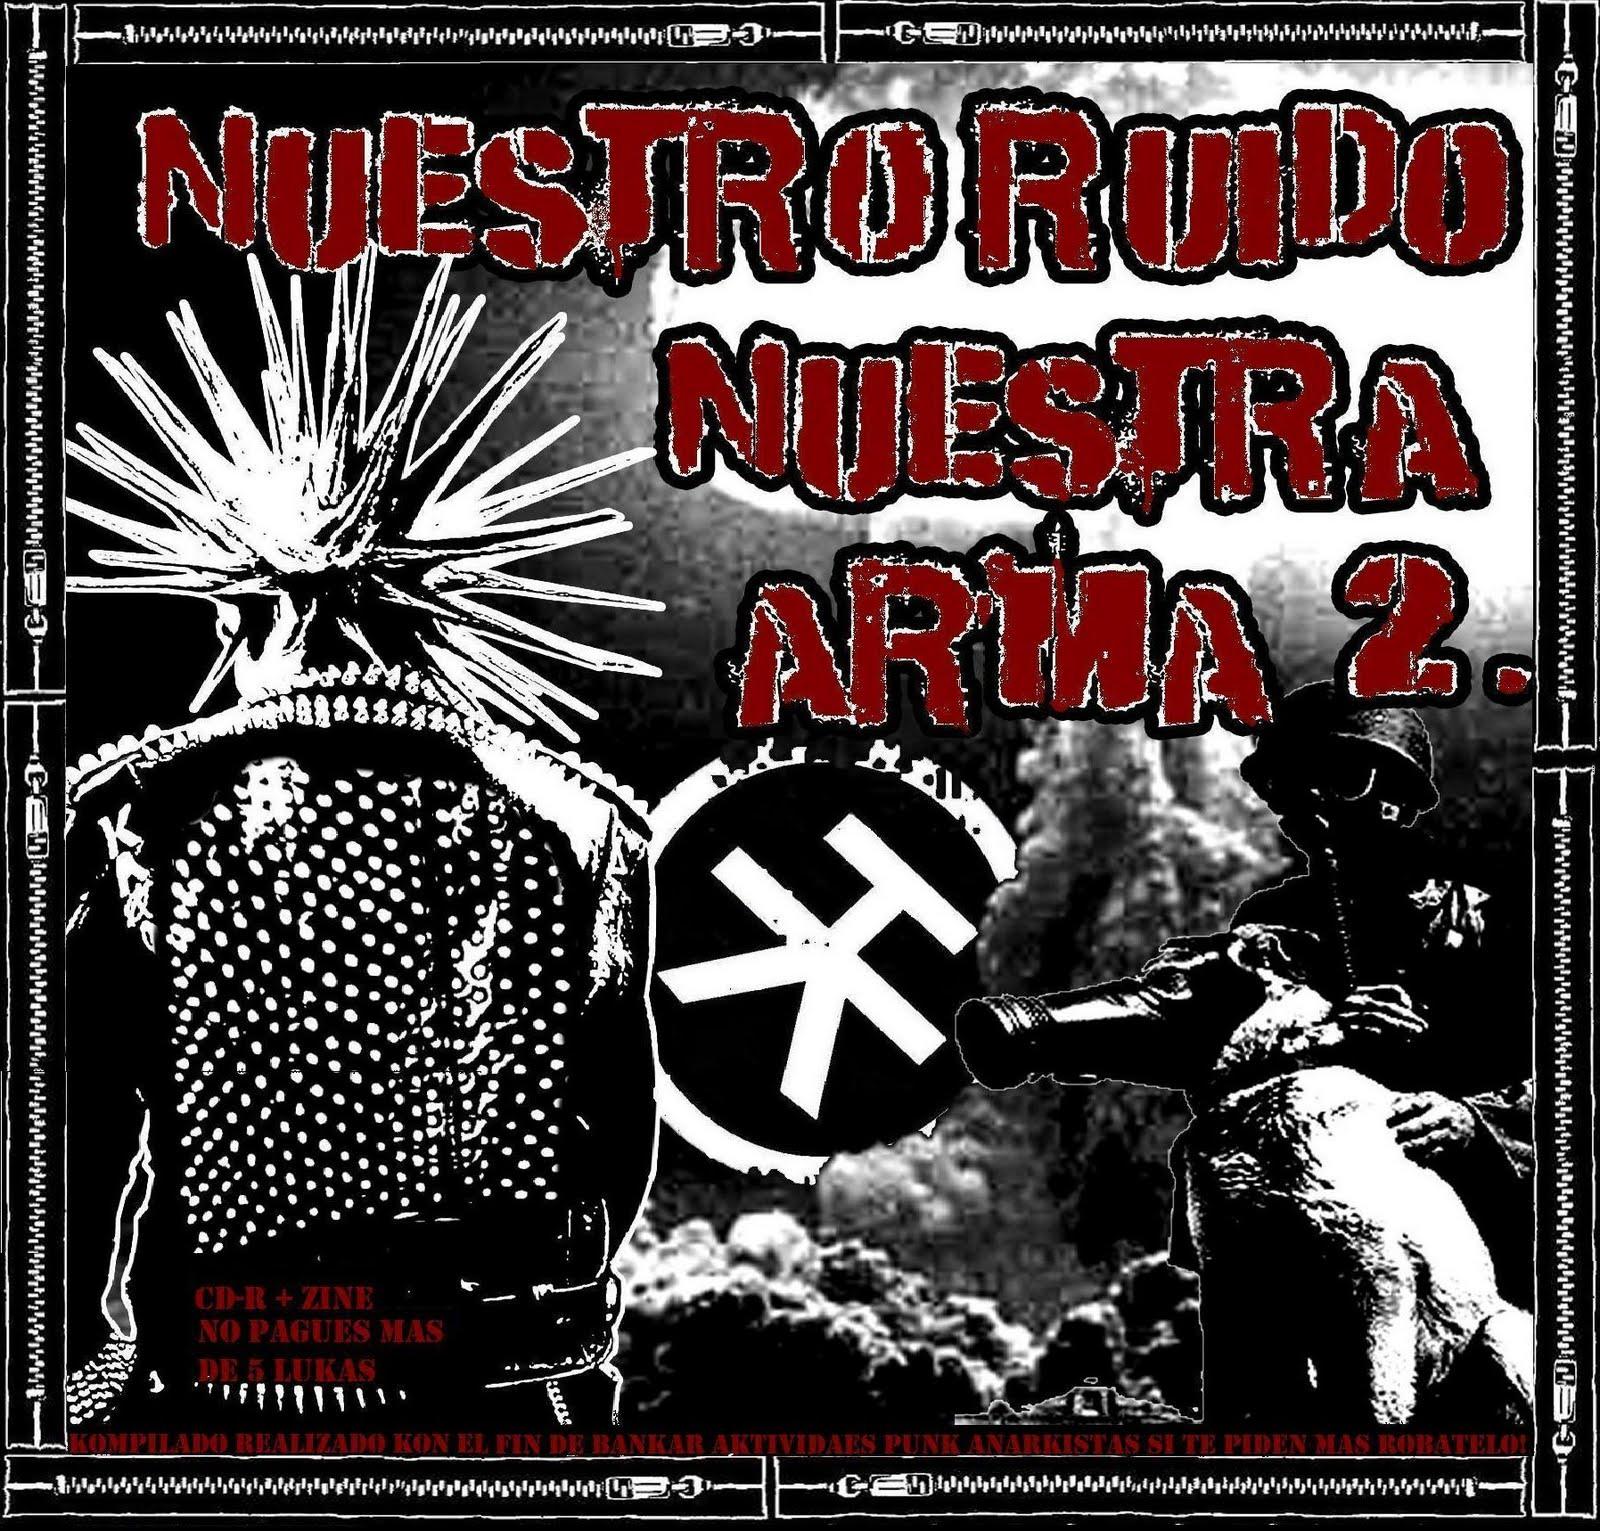 NUESTRO RUIDO NUESTRA ARMA 2